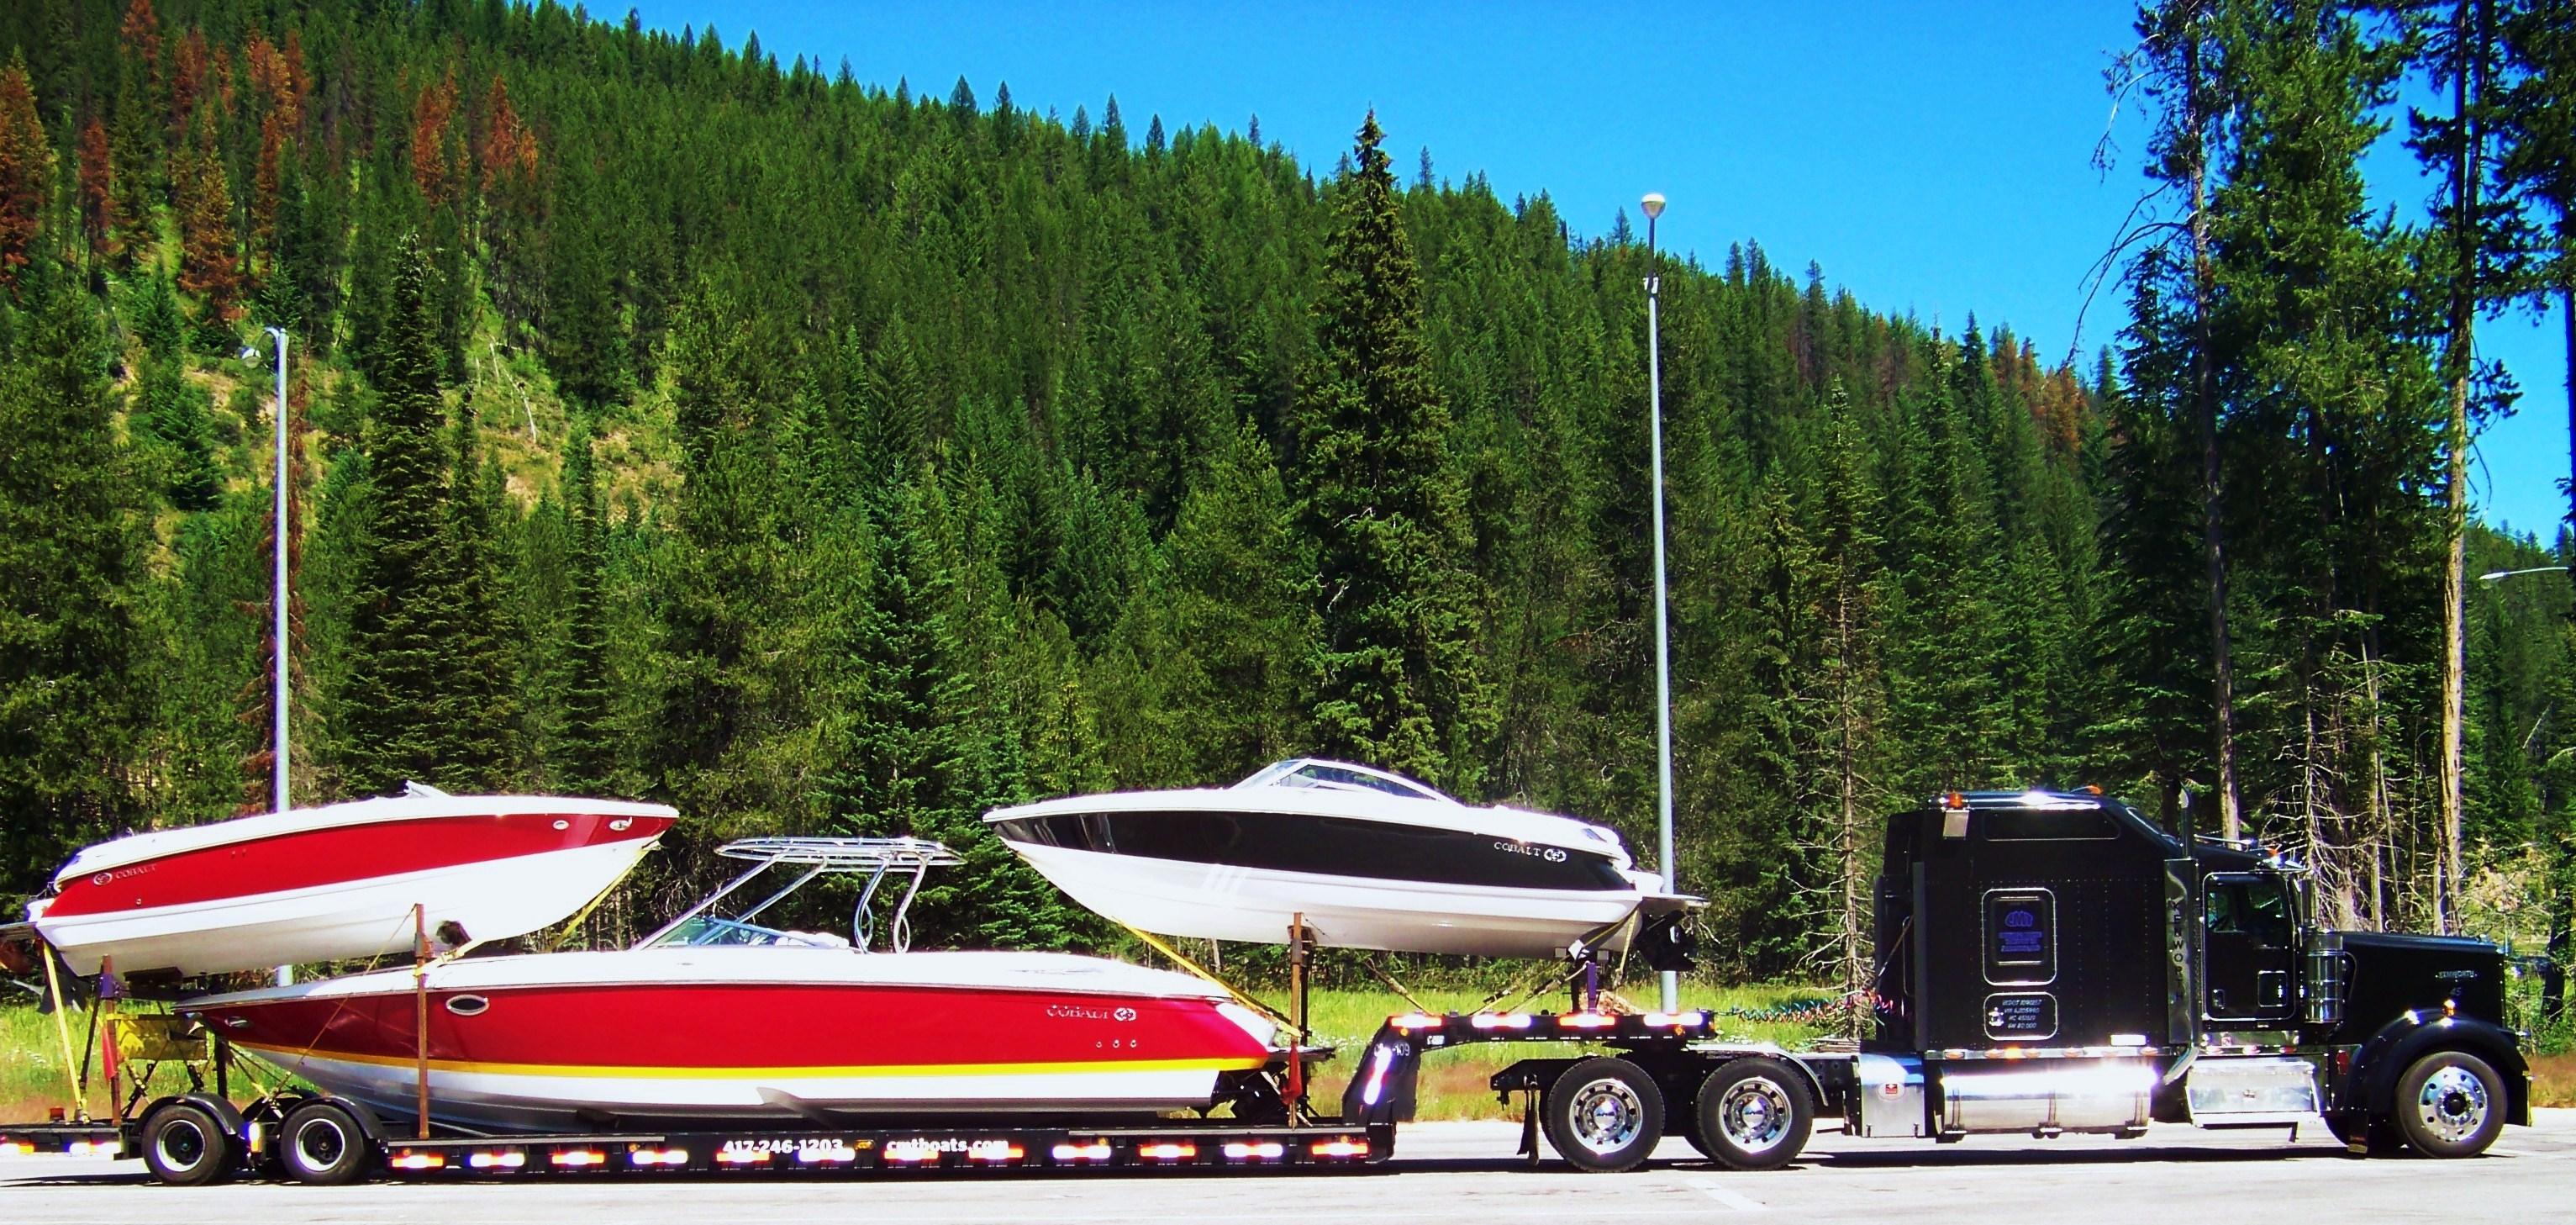 CMT_Cobalt_Boat_PICS